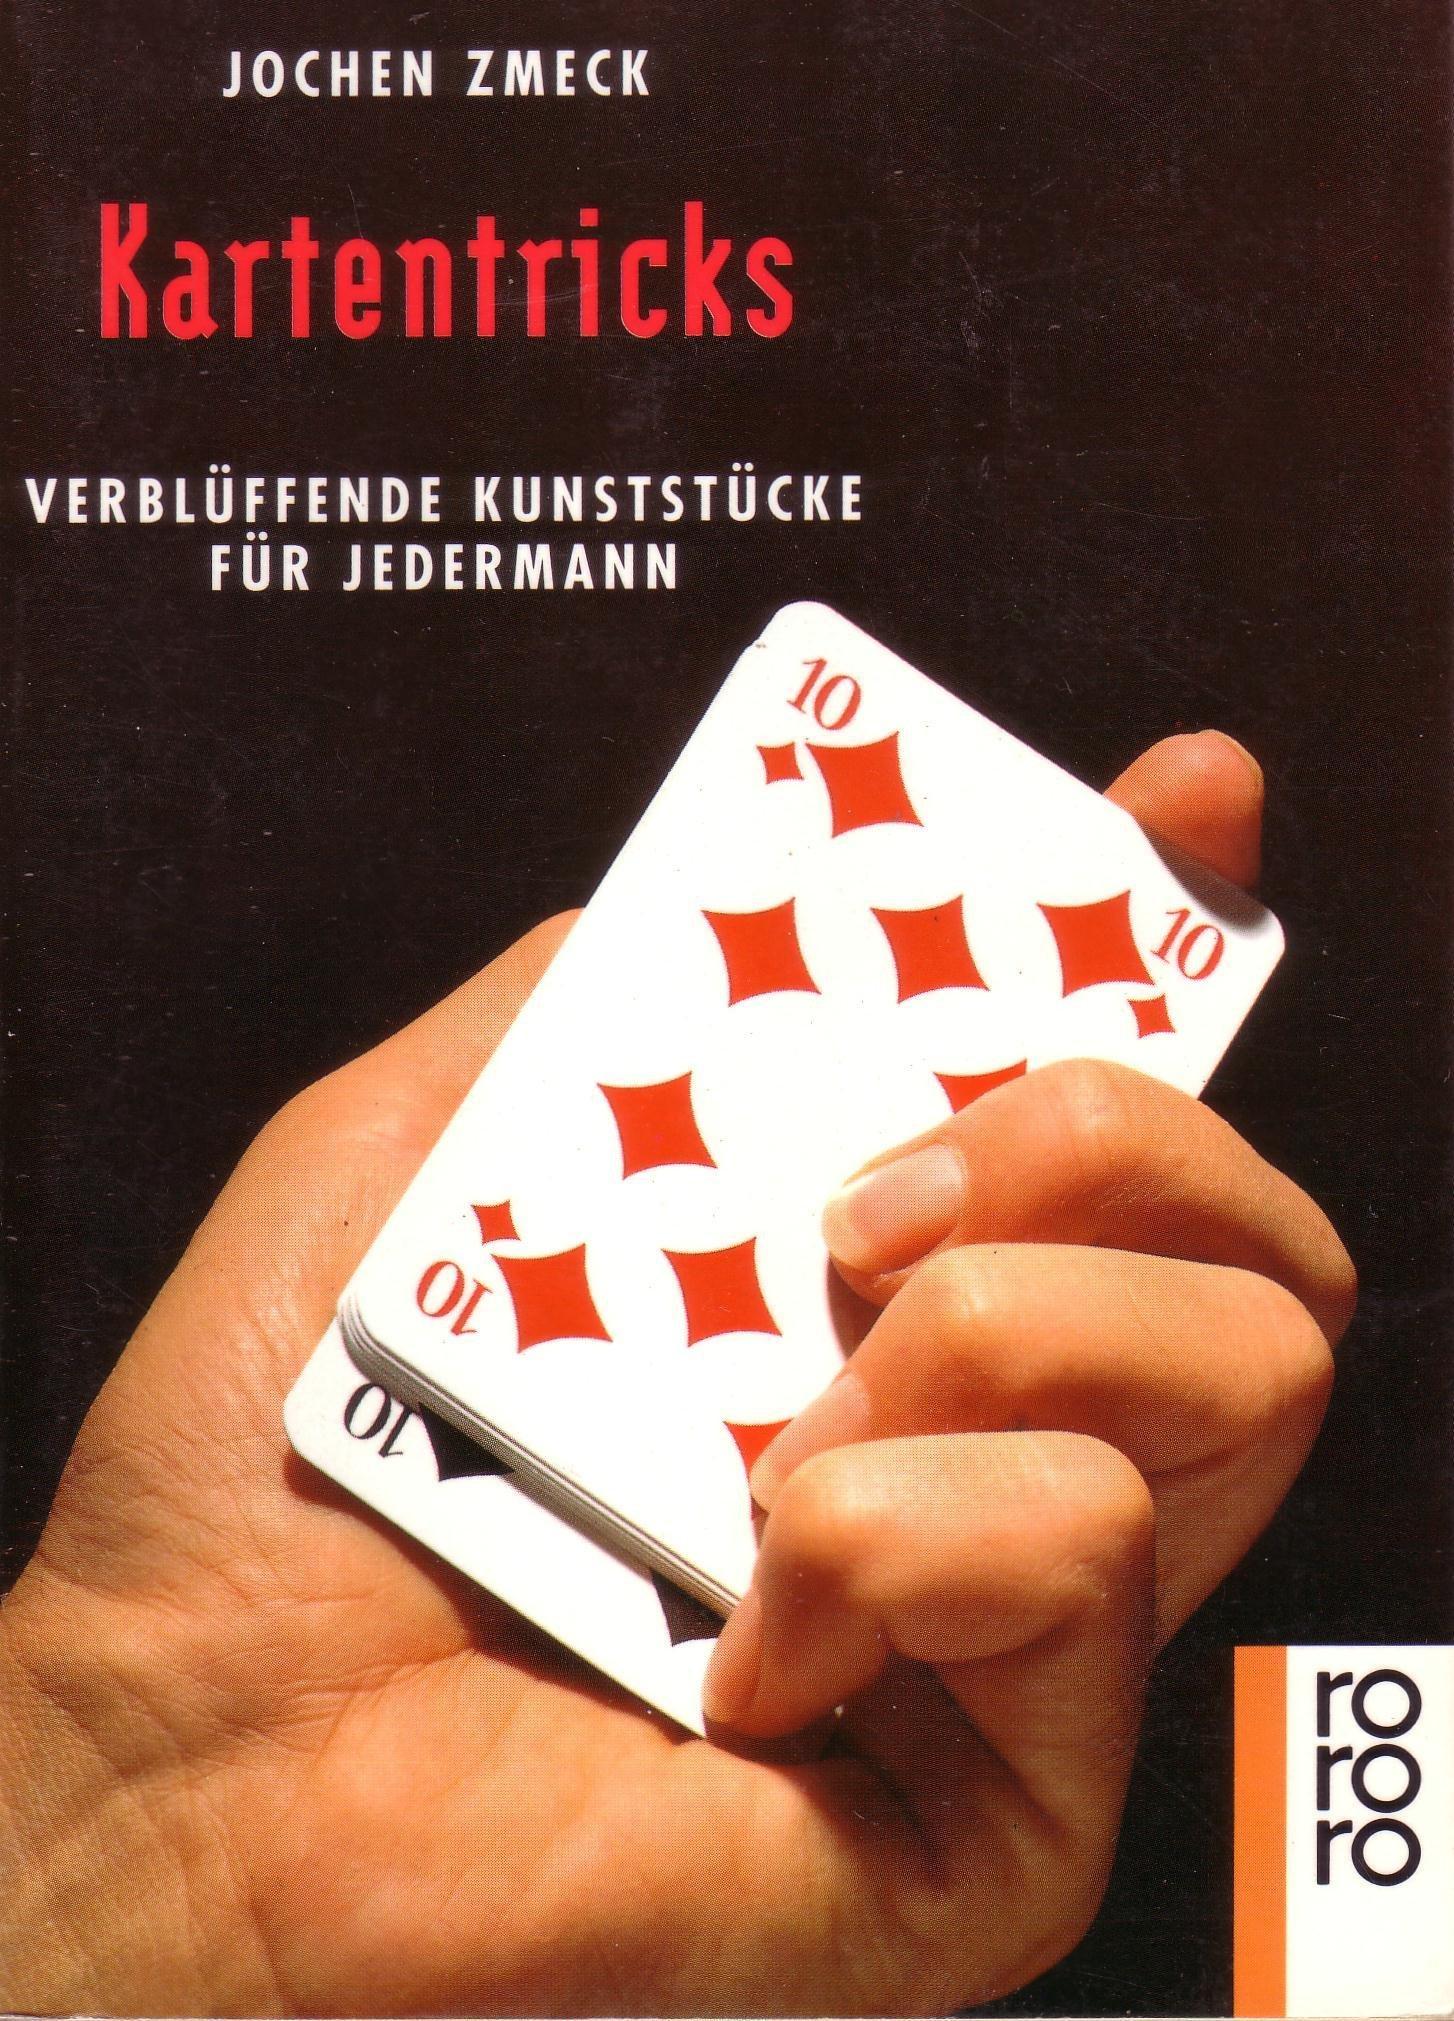 Kartentricks